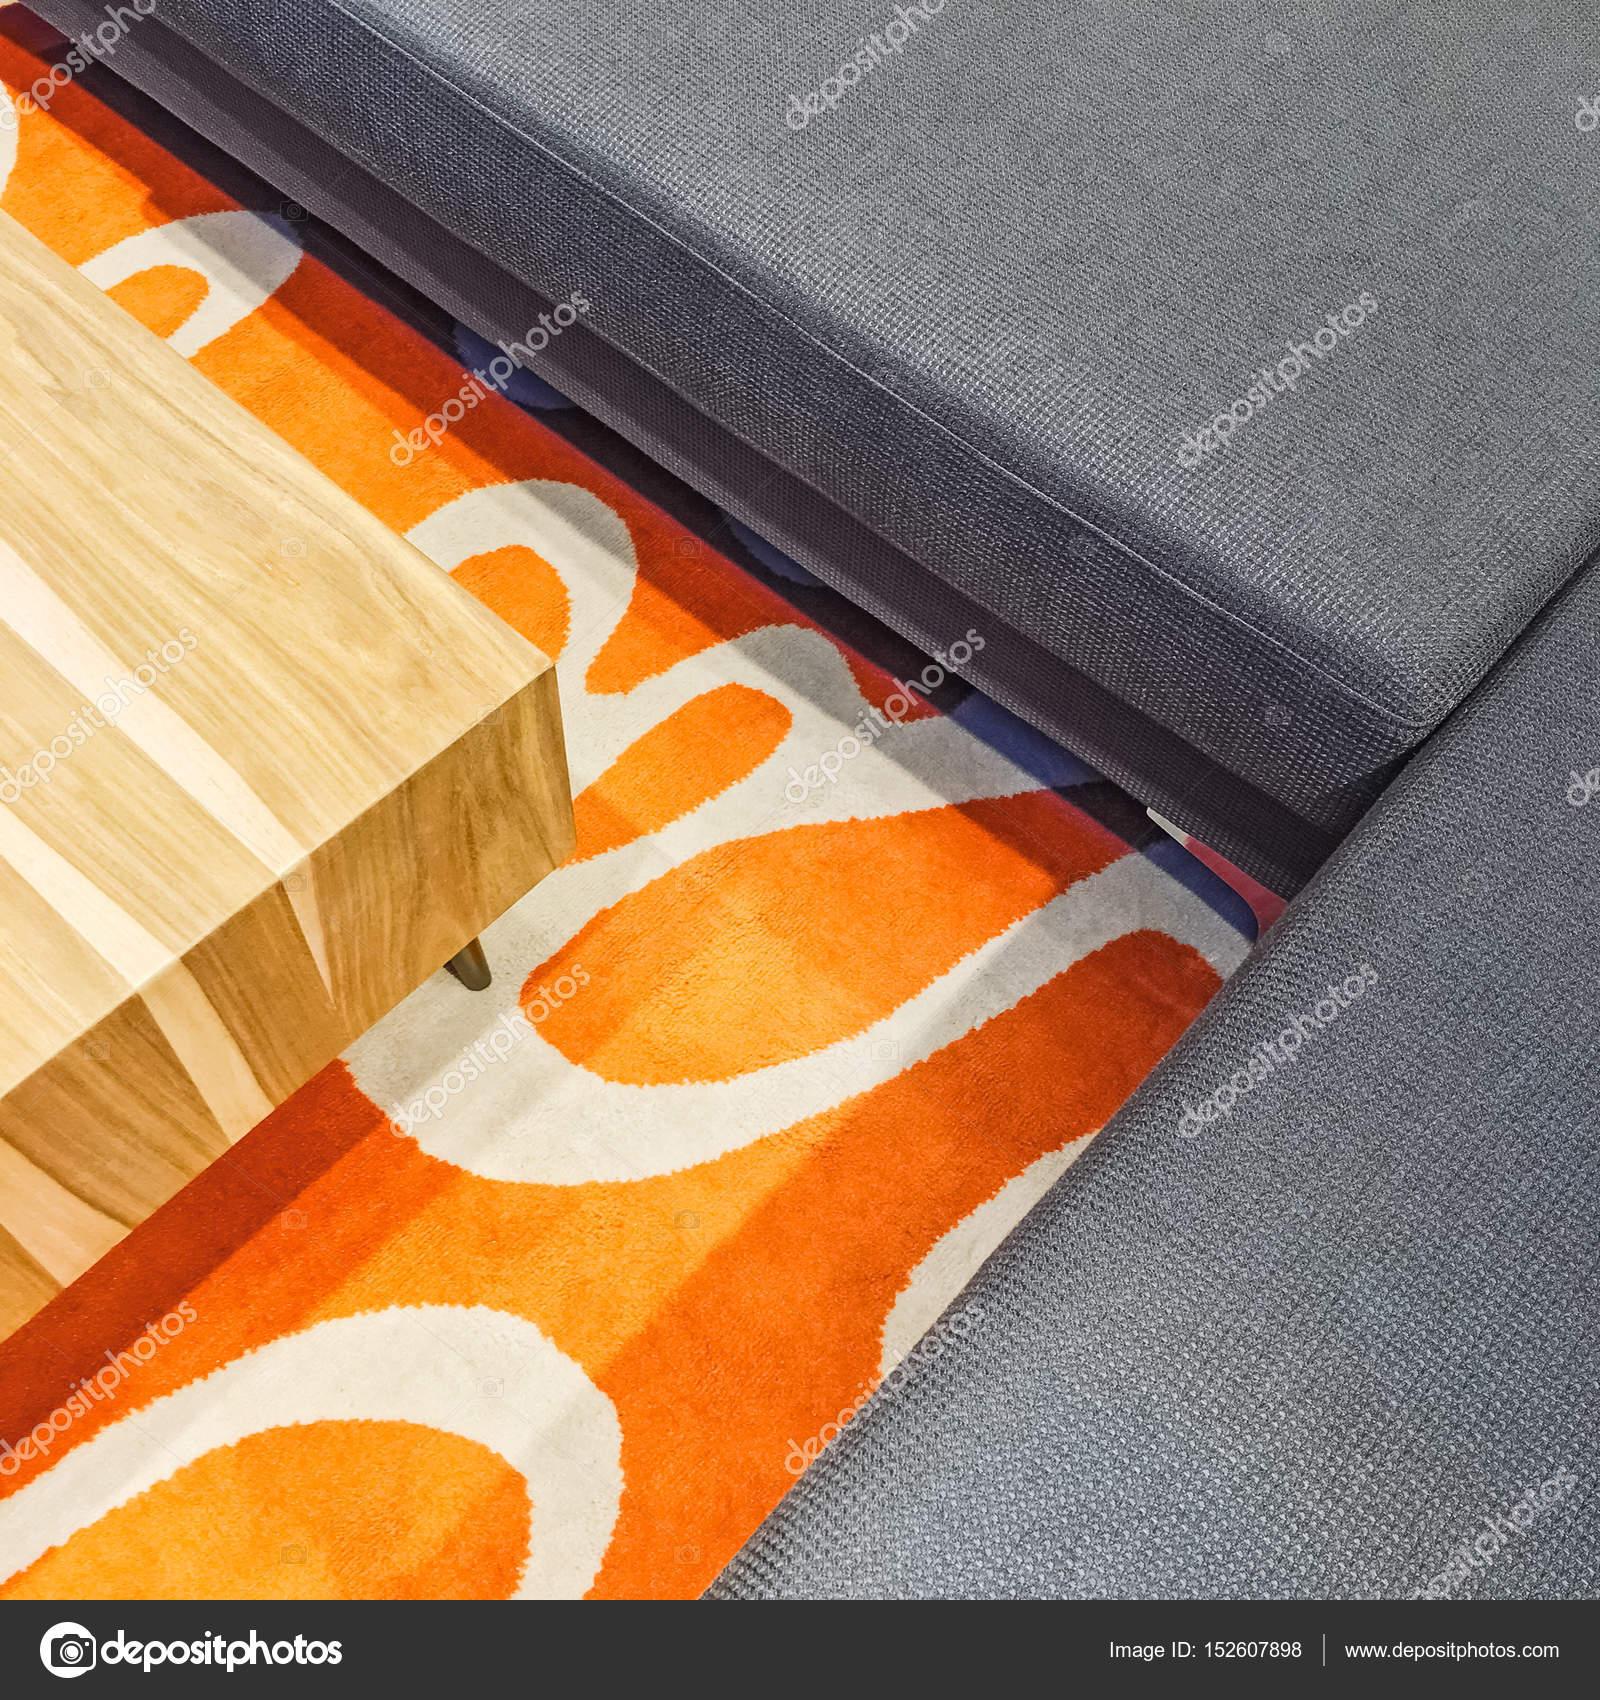 canap dangle gris table basse et tapis orange meubles modernes image de goodmoodphoto - Tapis Orange